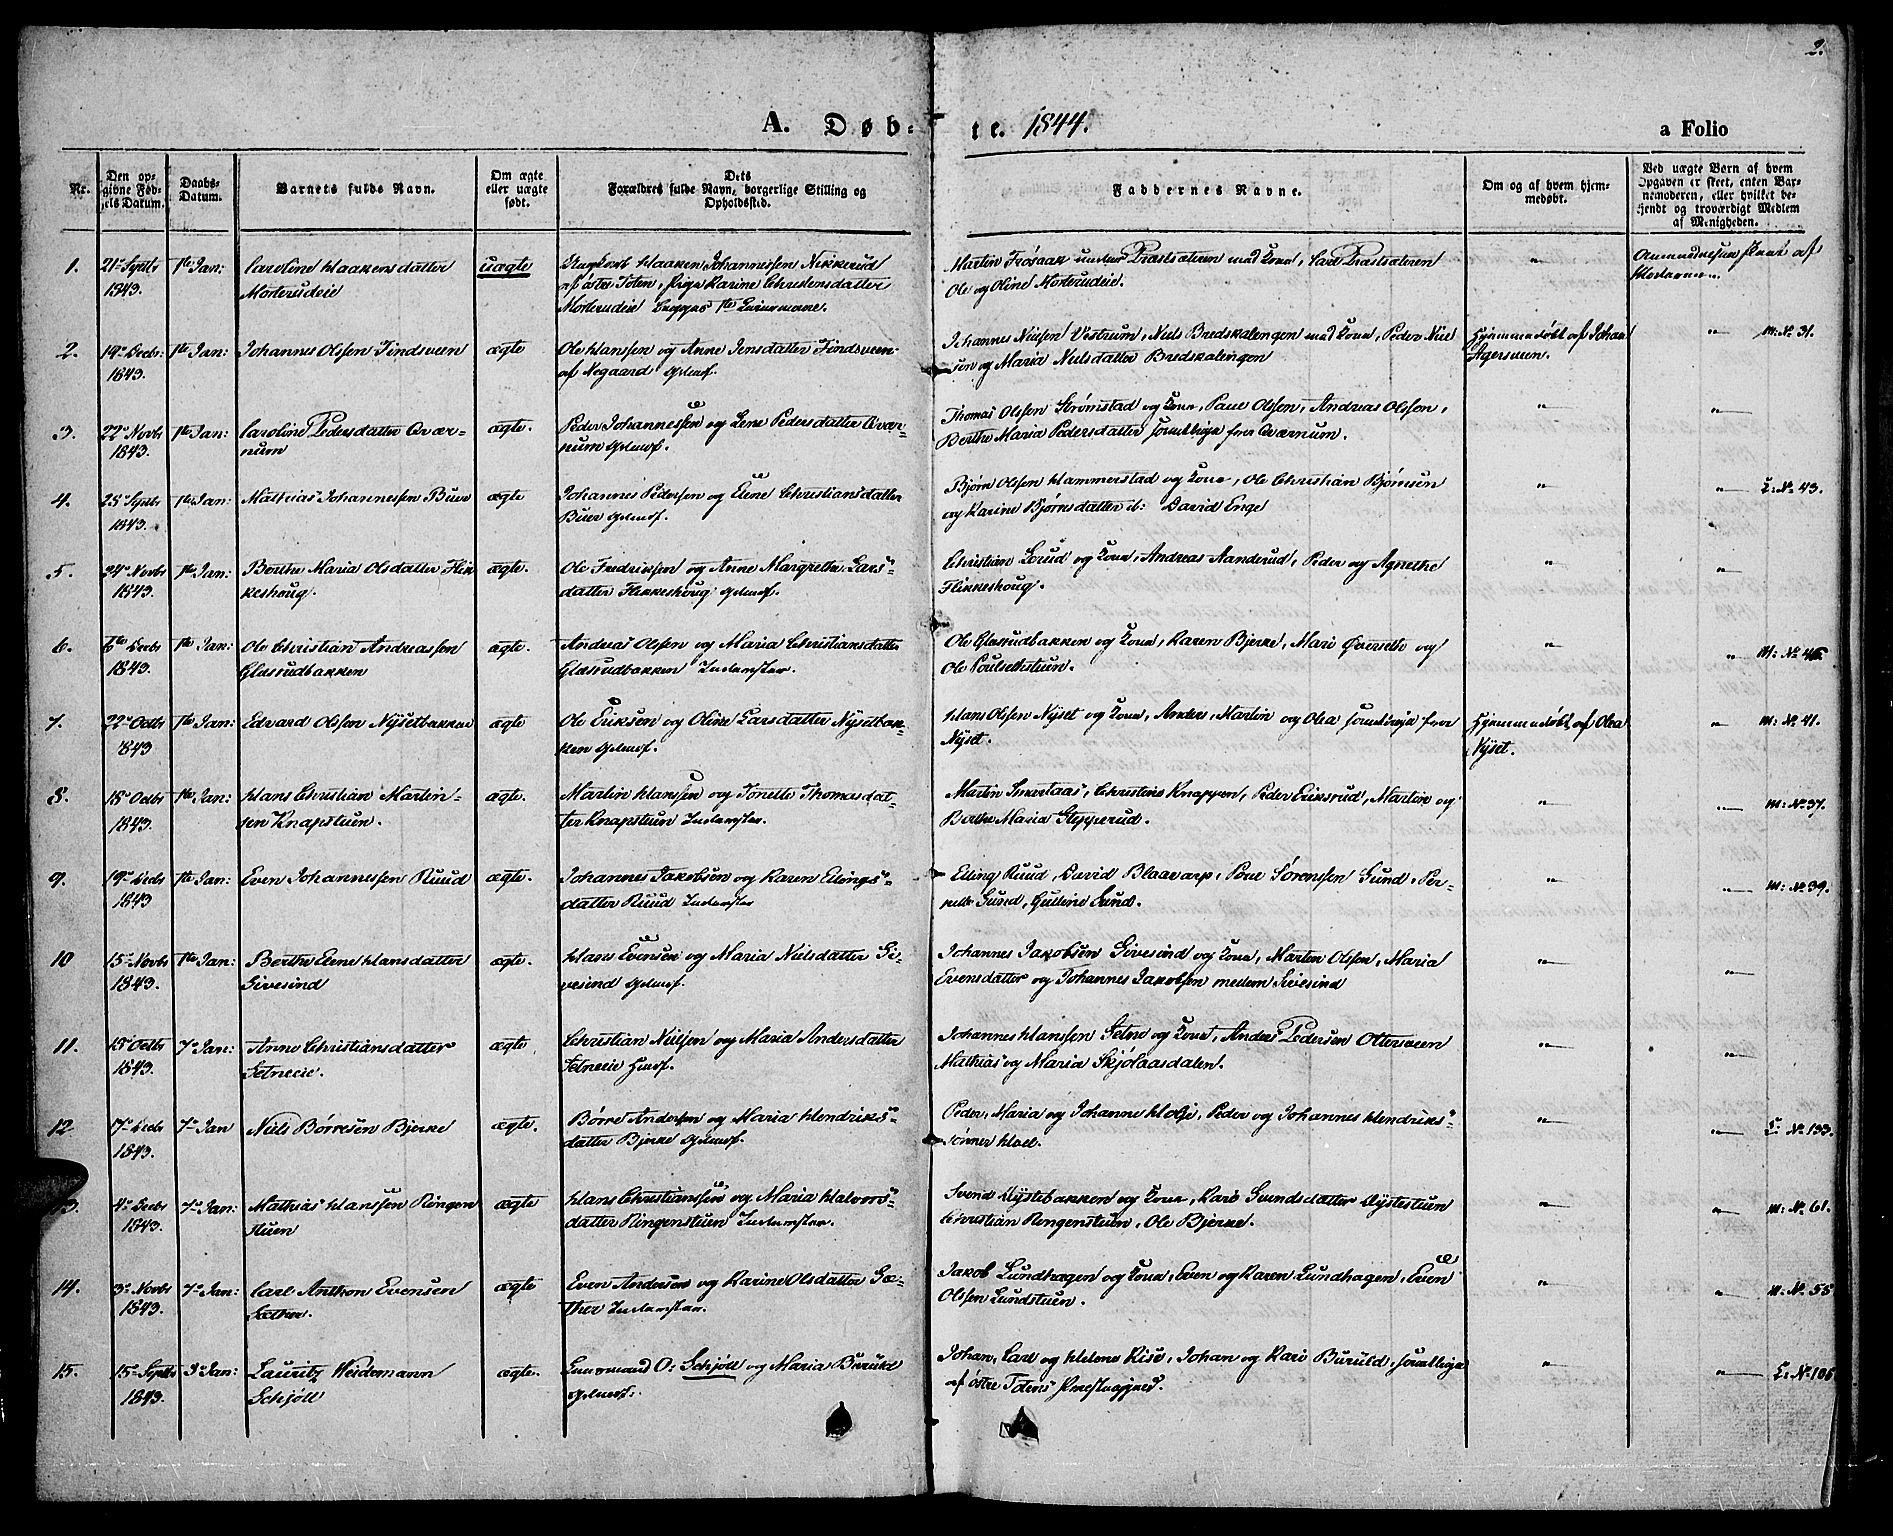 SAH, Vestre Toten prestekontor, Ministerialbok nr. 4, 1844-1849, s. 2